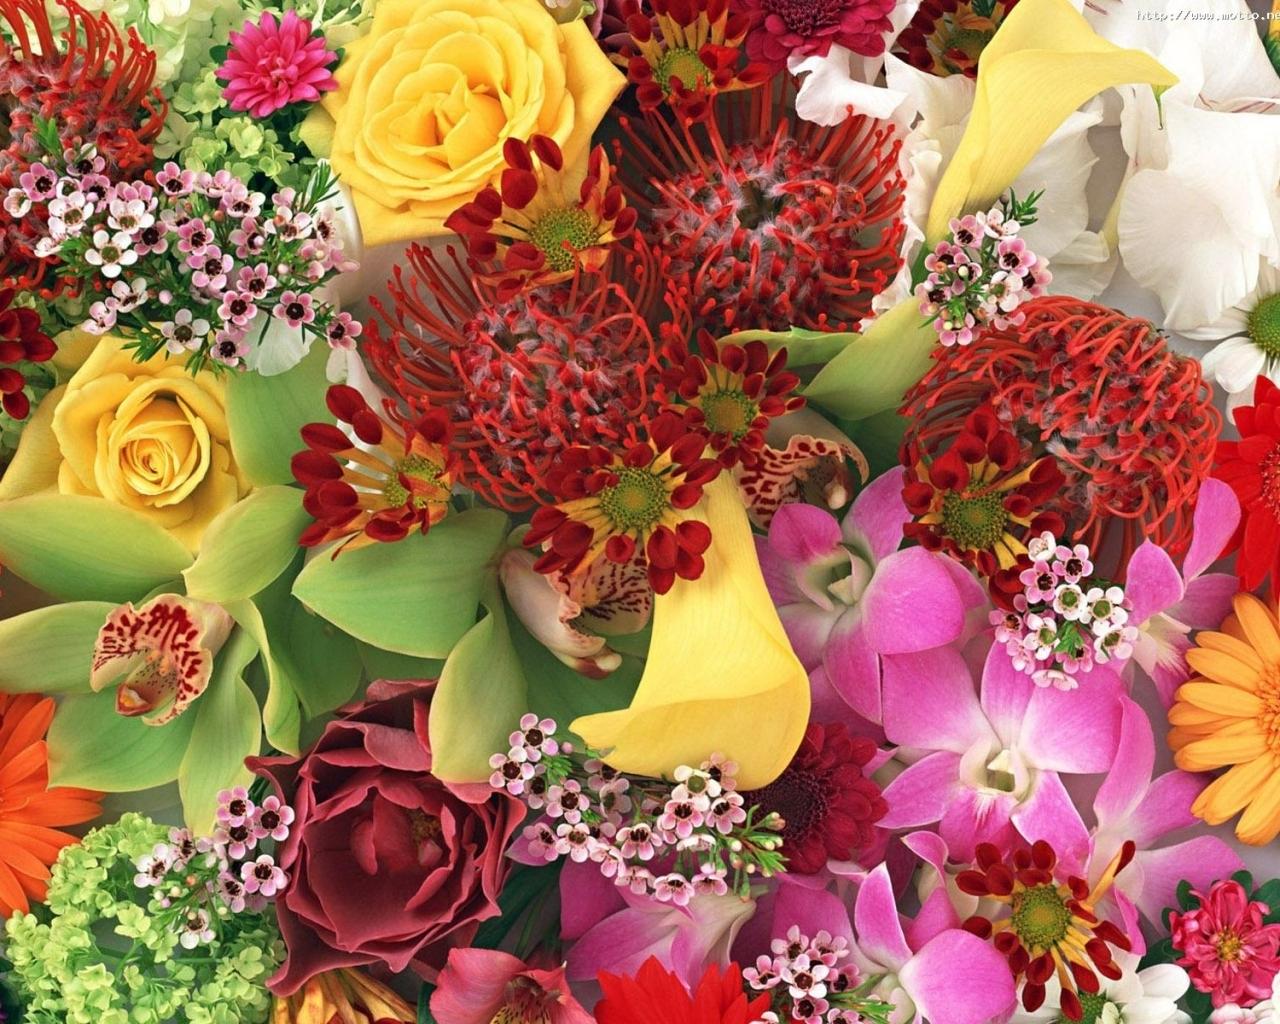 Скачать картинку Цветы, Праздники, Растения в телефон бесплатно.